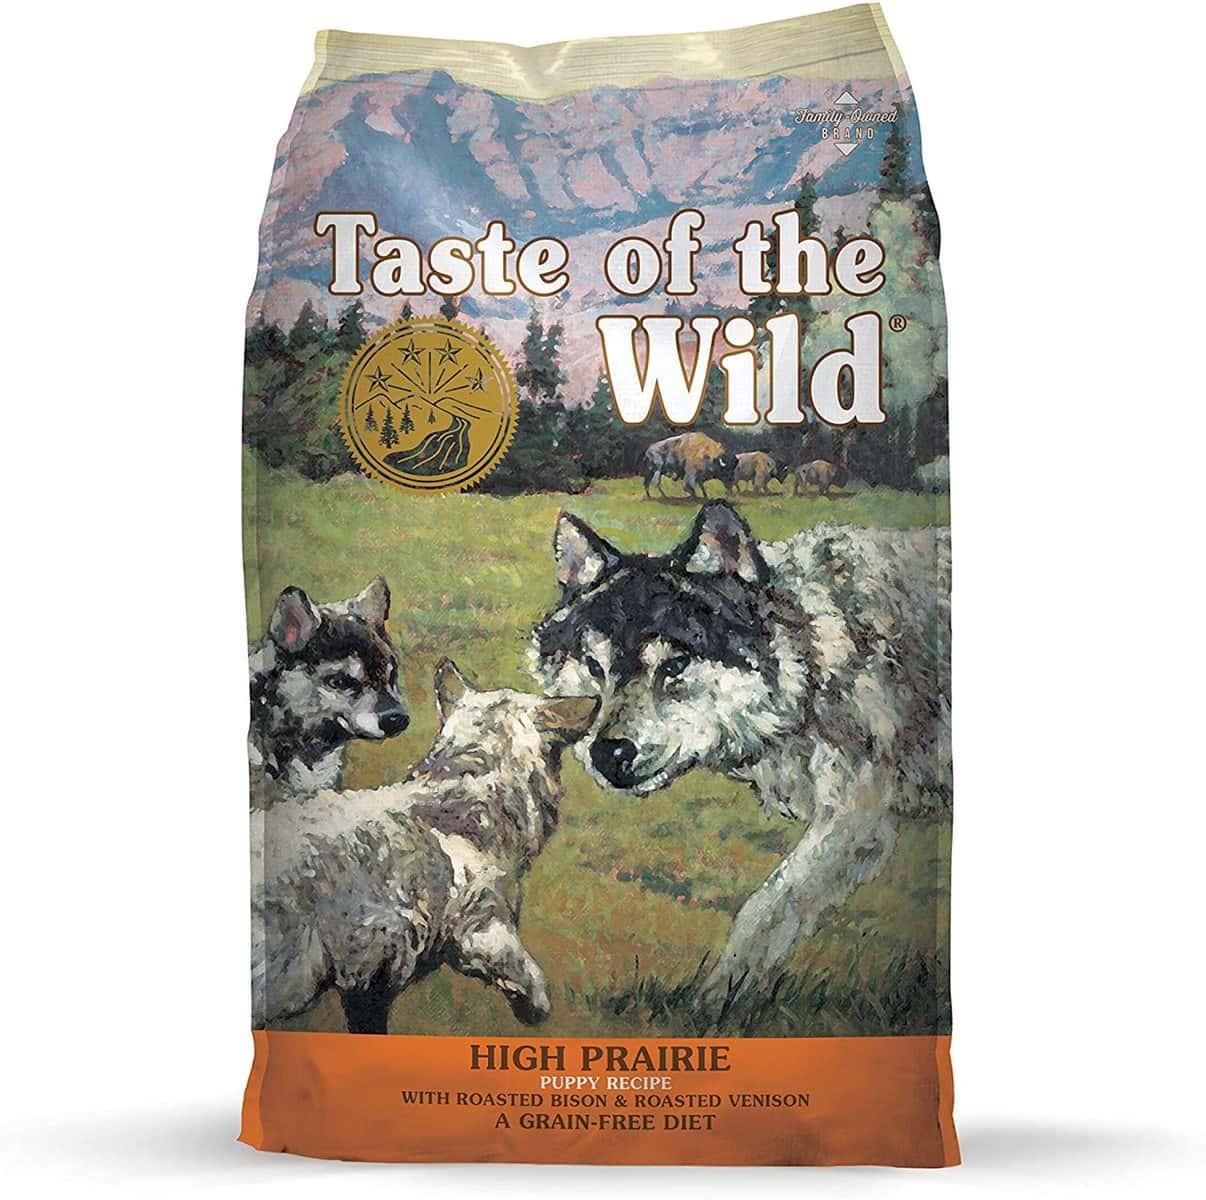 Taste of the Wild Grain-Free Puppy Food